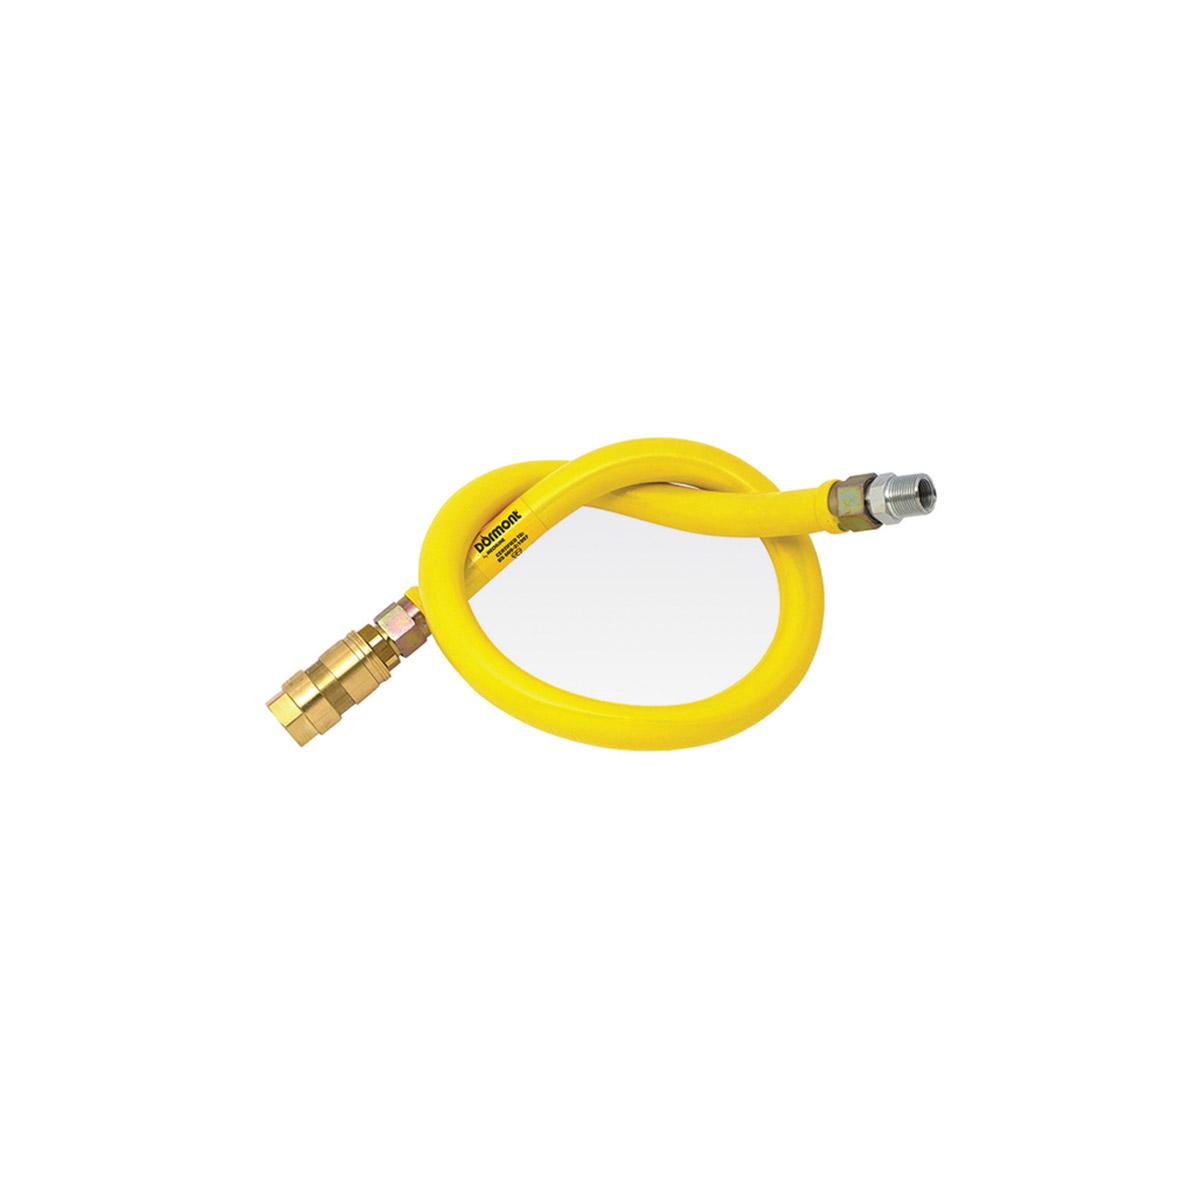 Dormont 2650BPQ60 1/2 Inch Gas Hose